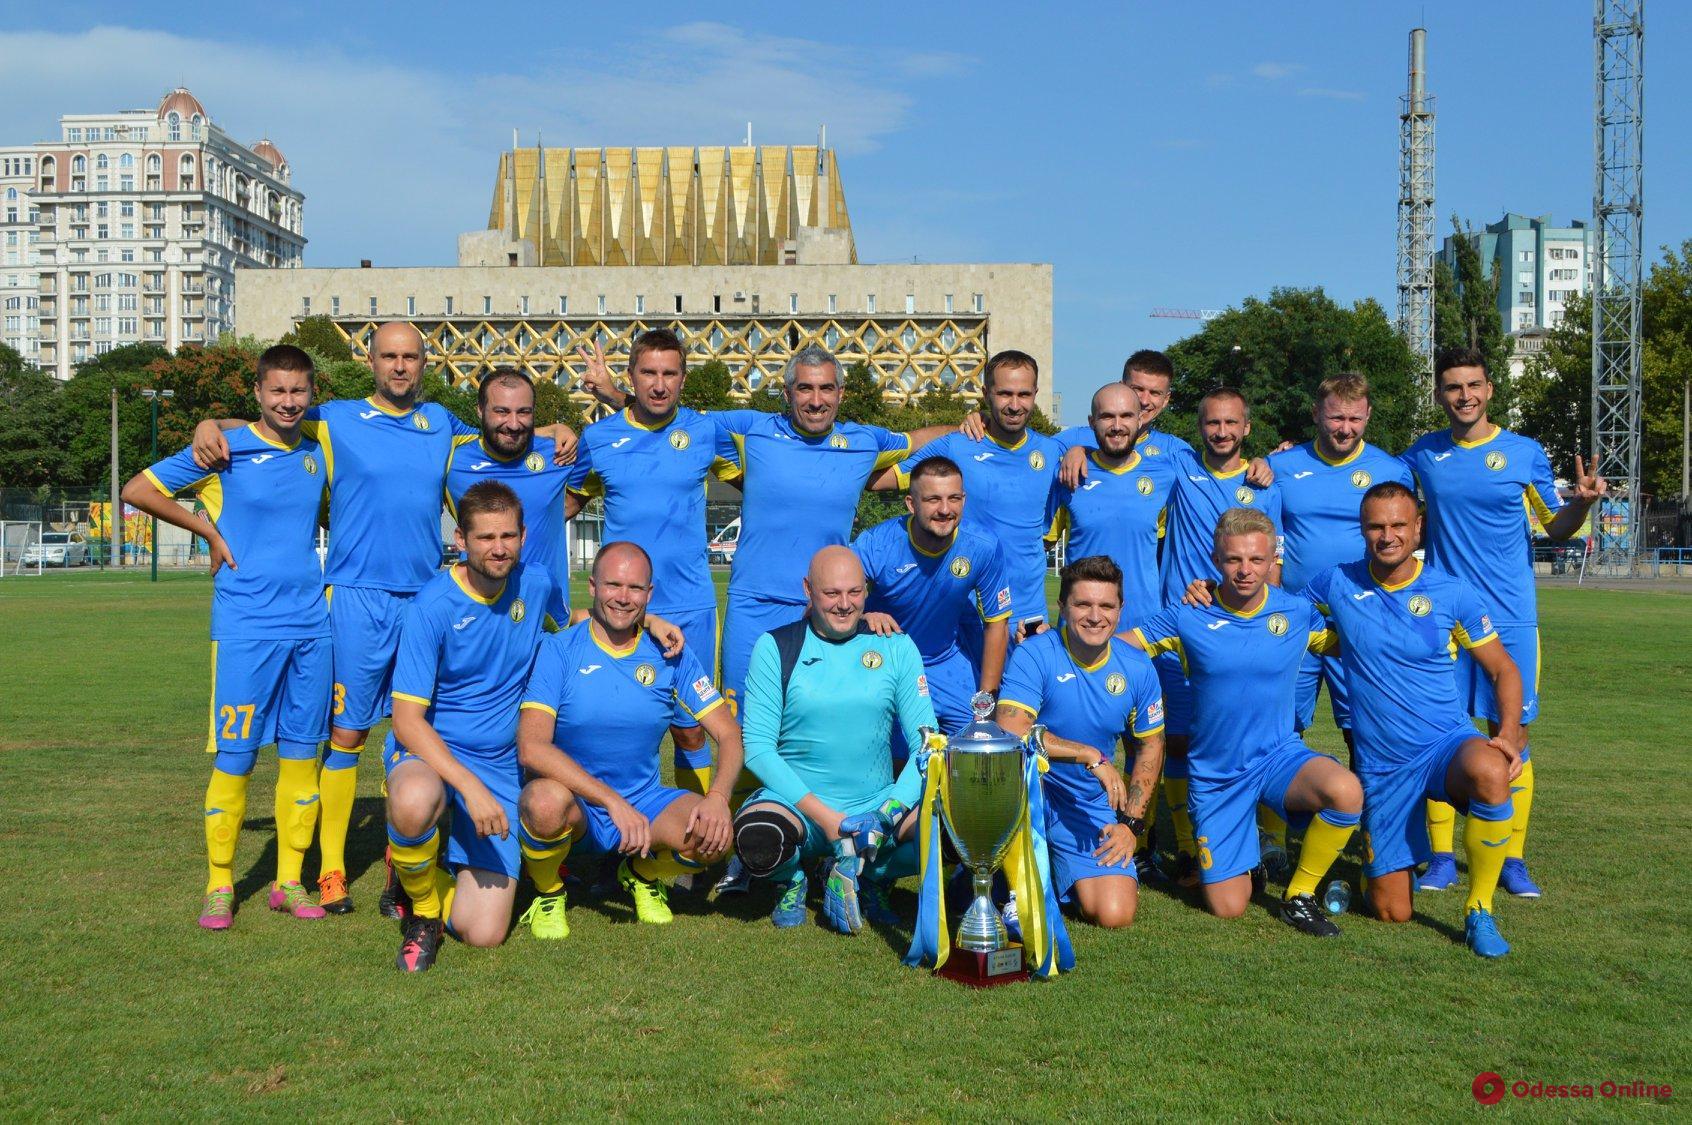 Одесские журналисты сыграют в благотворительном футбольном матче с ветеранами «Днепра»